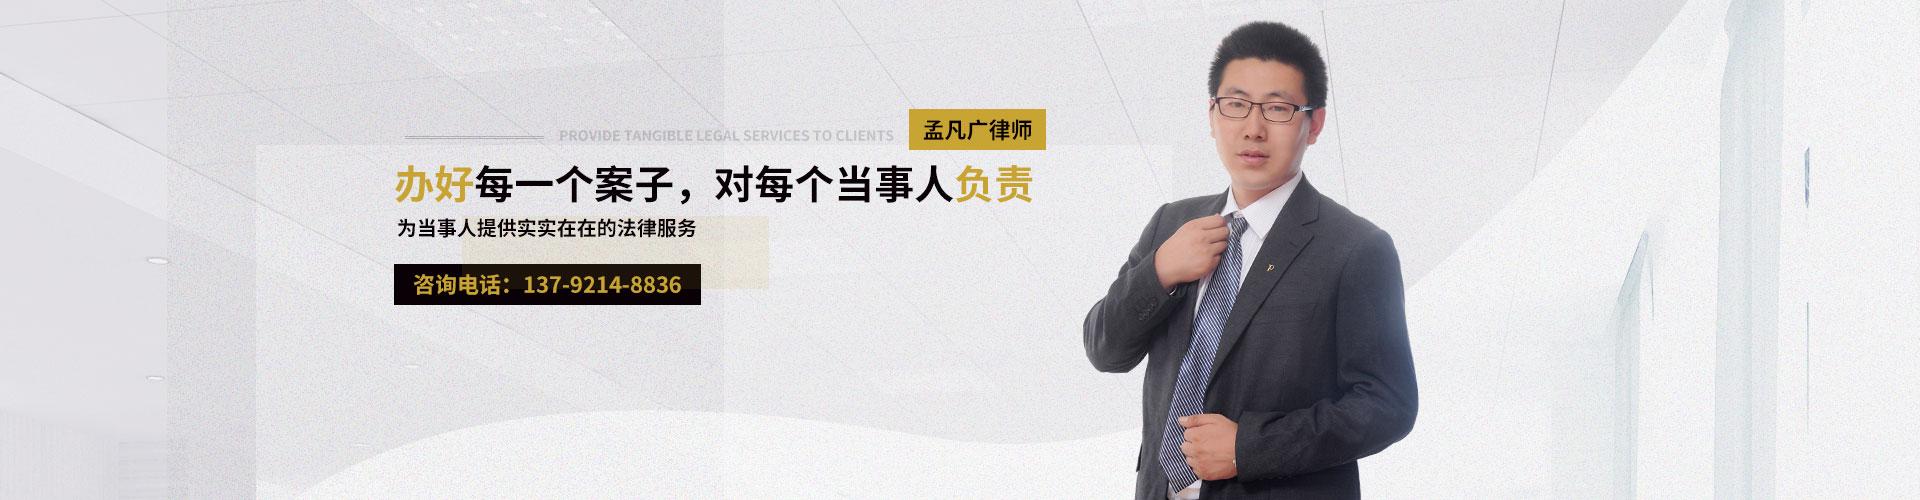 肥城孟凡广律师